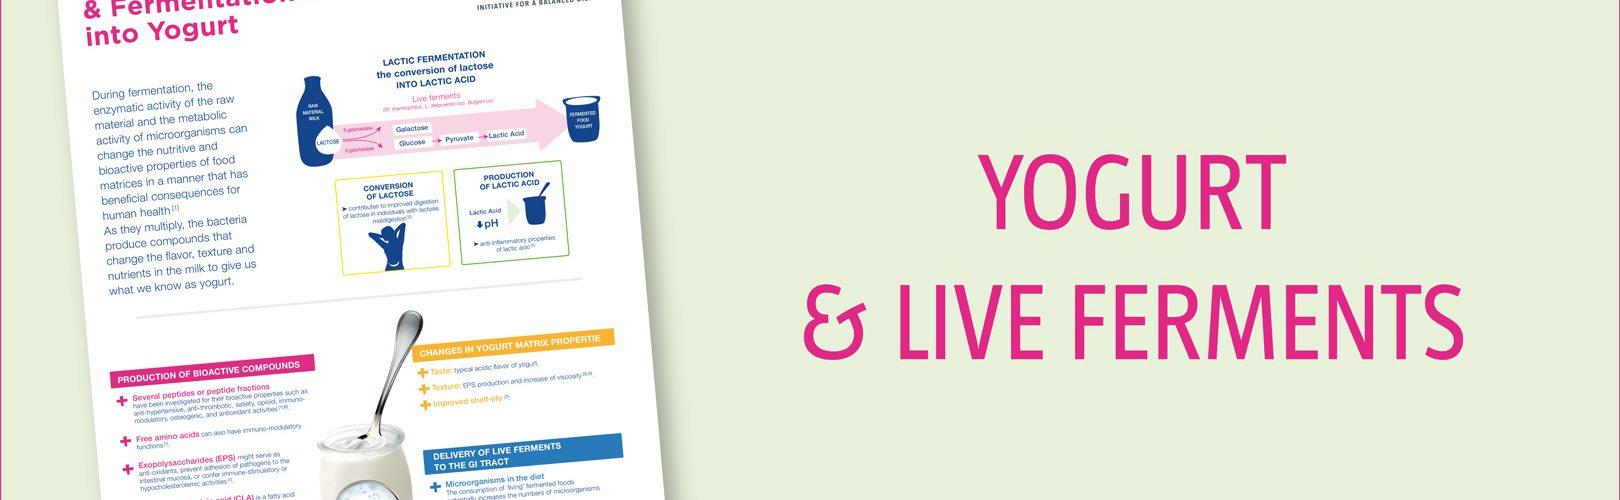 yogurt-live-ferments